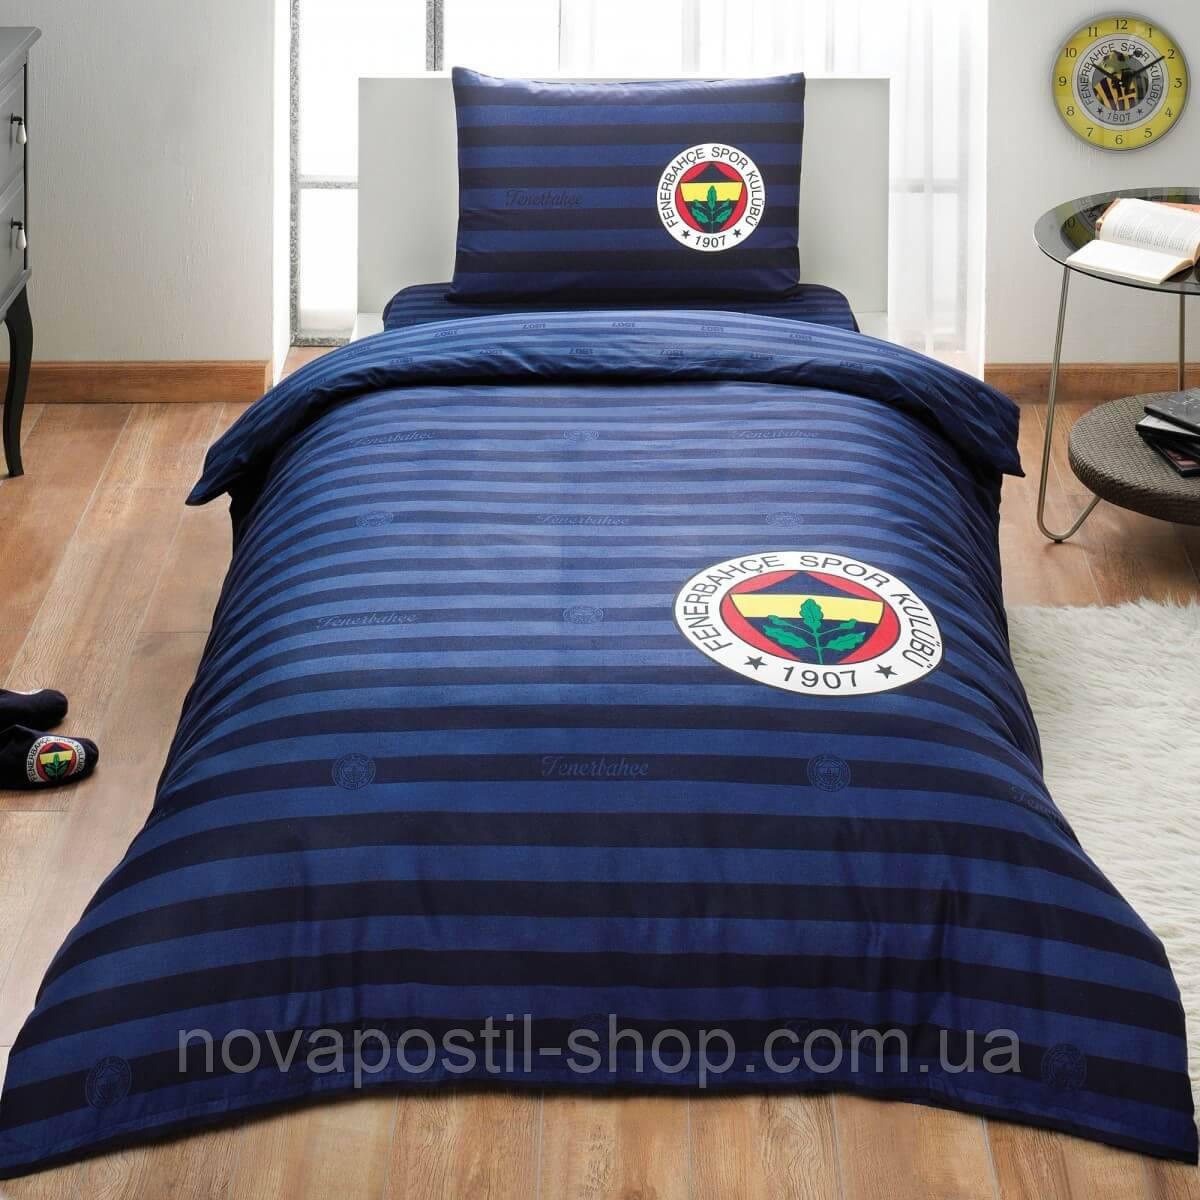 Комплект детского постельного белья ТАС FENERBAHCE ELEGANT